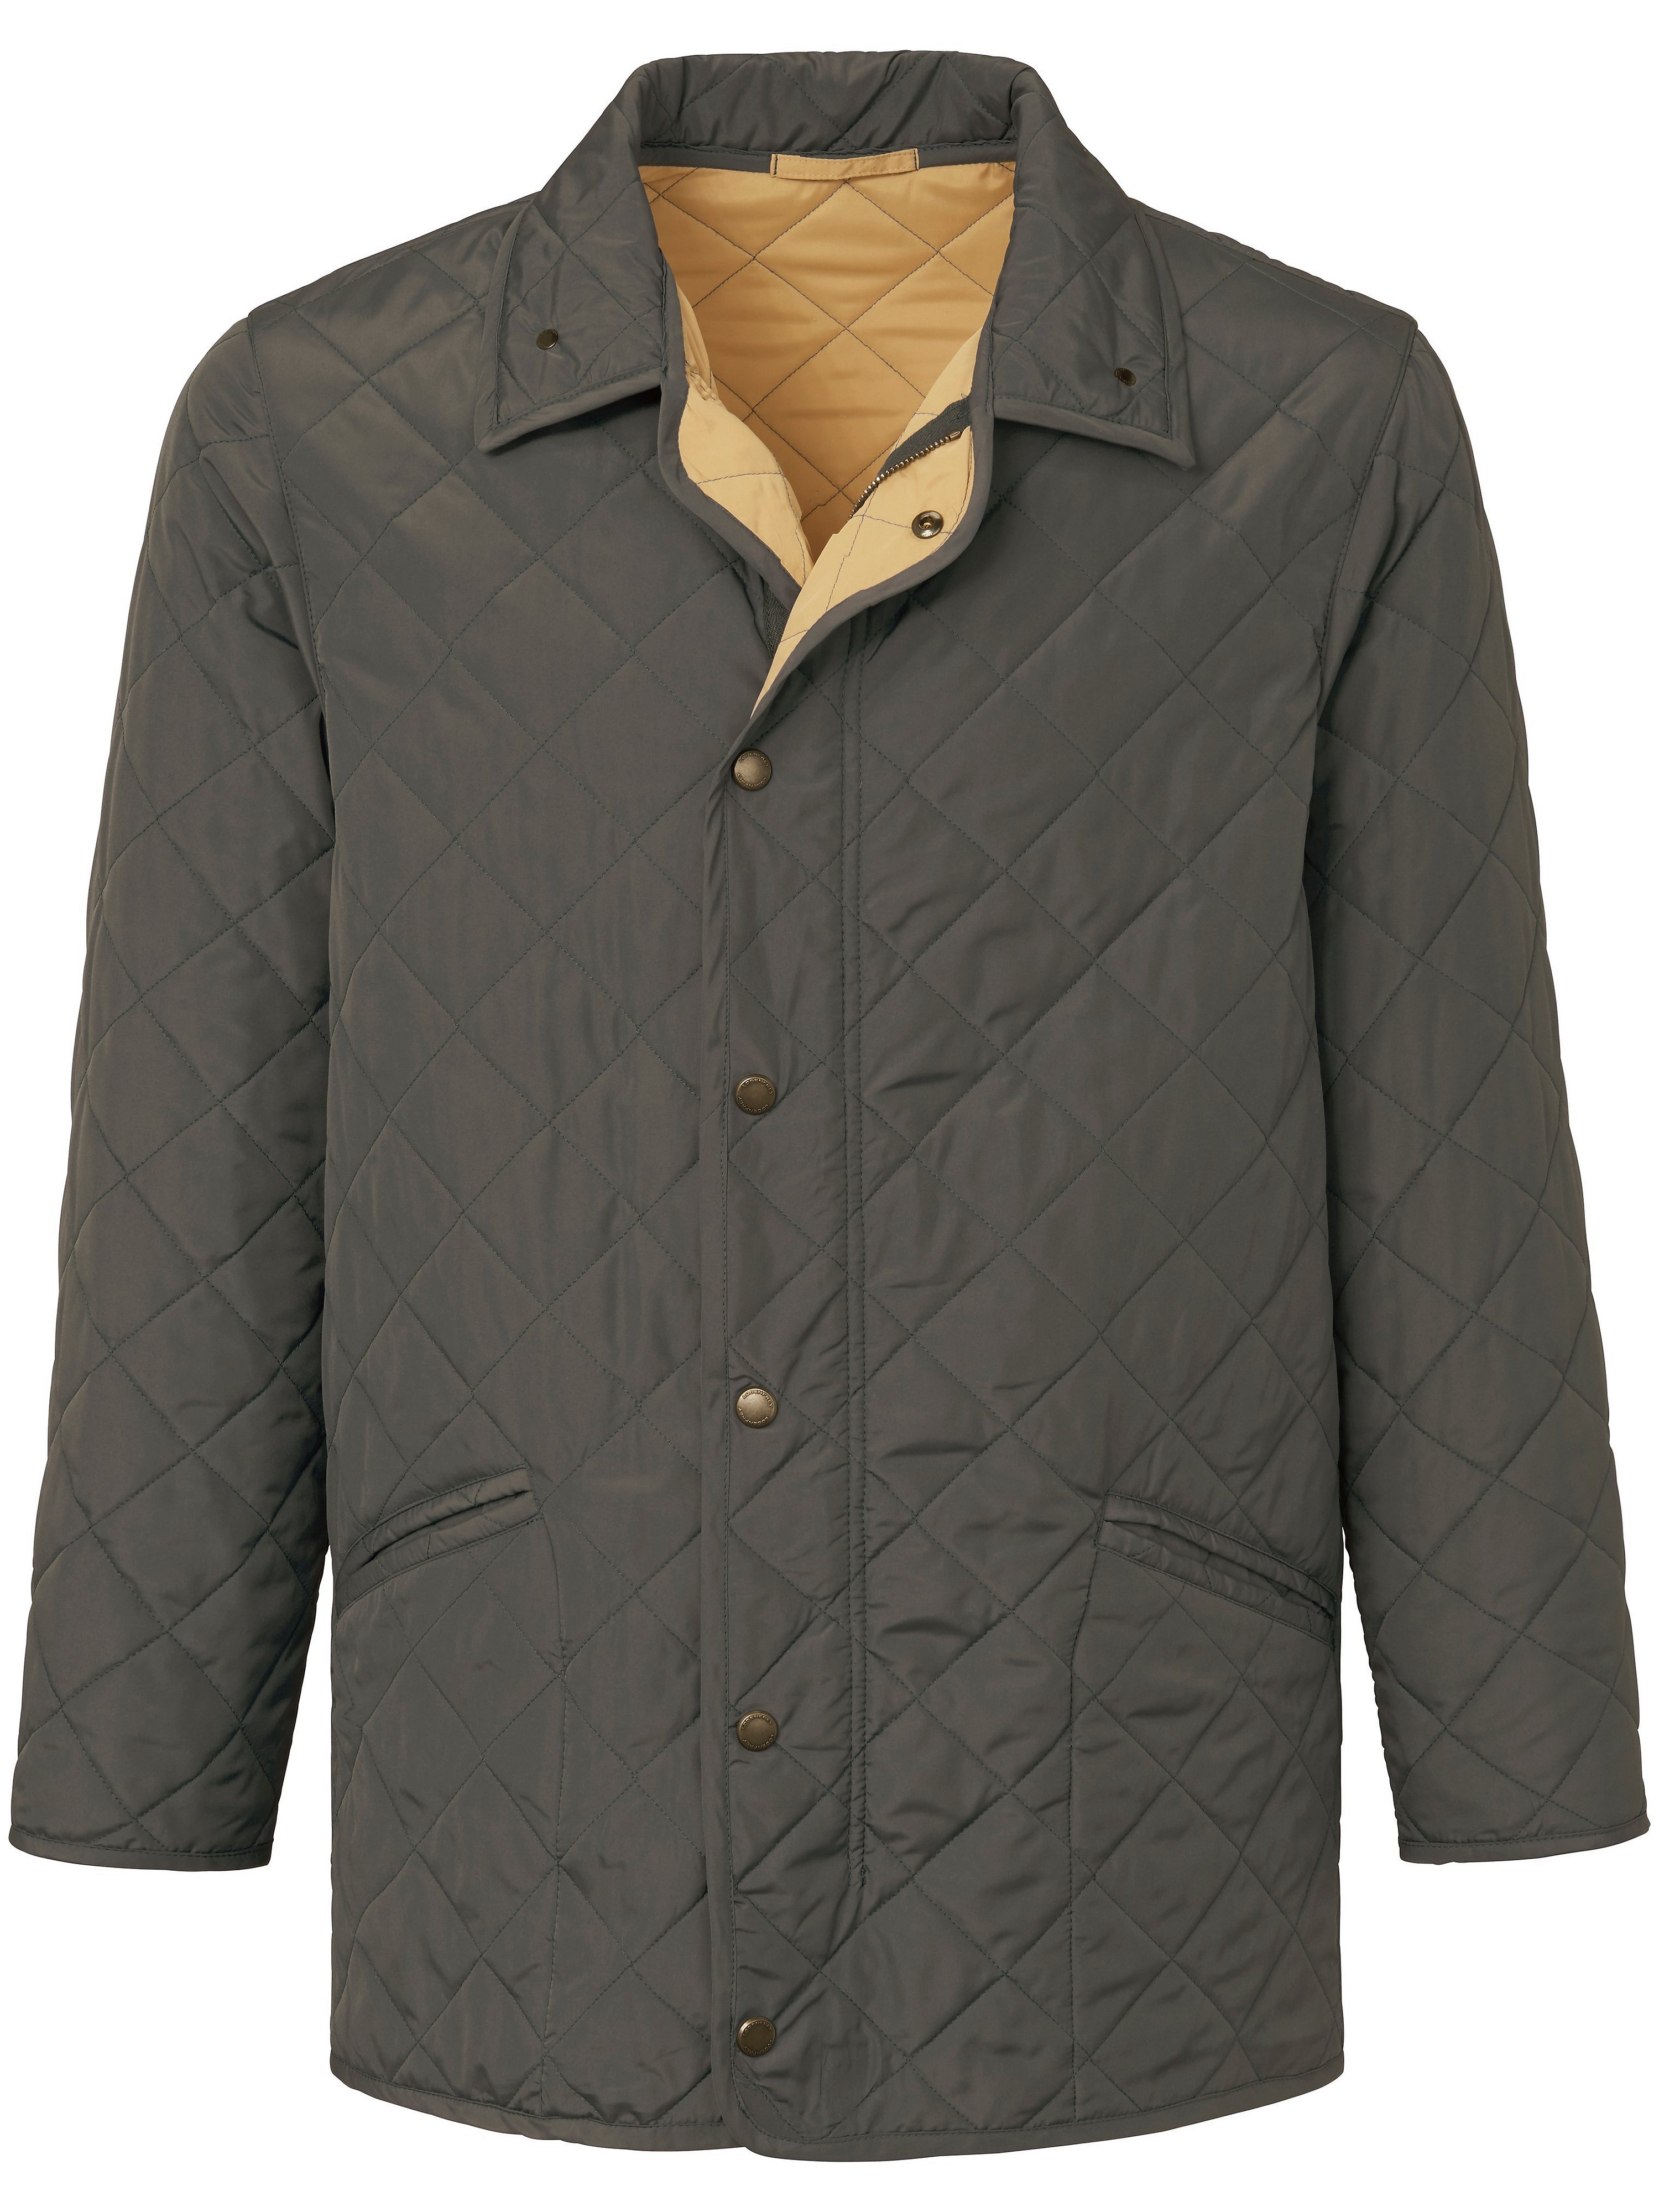 La veste matelassée coupe droite  Lodenfrey vert taille 54